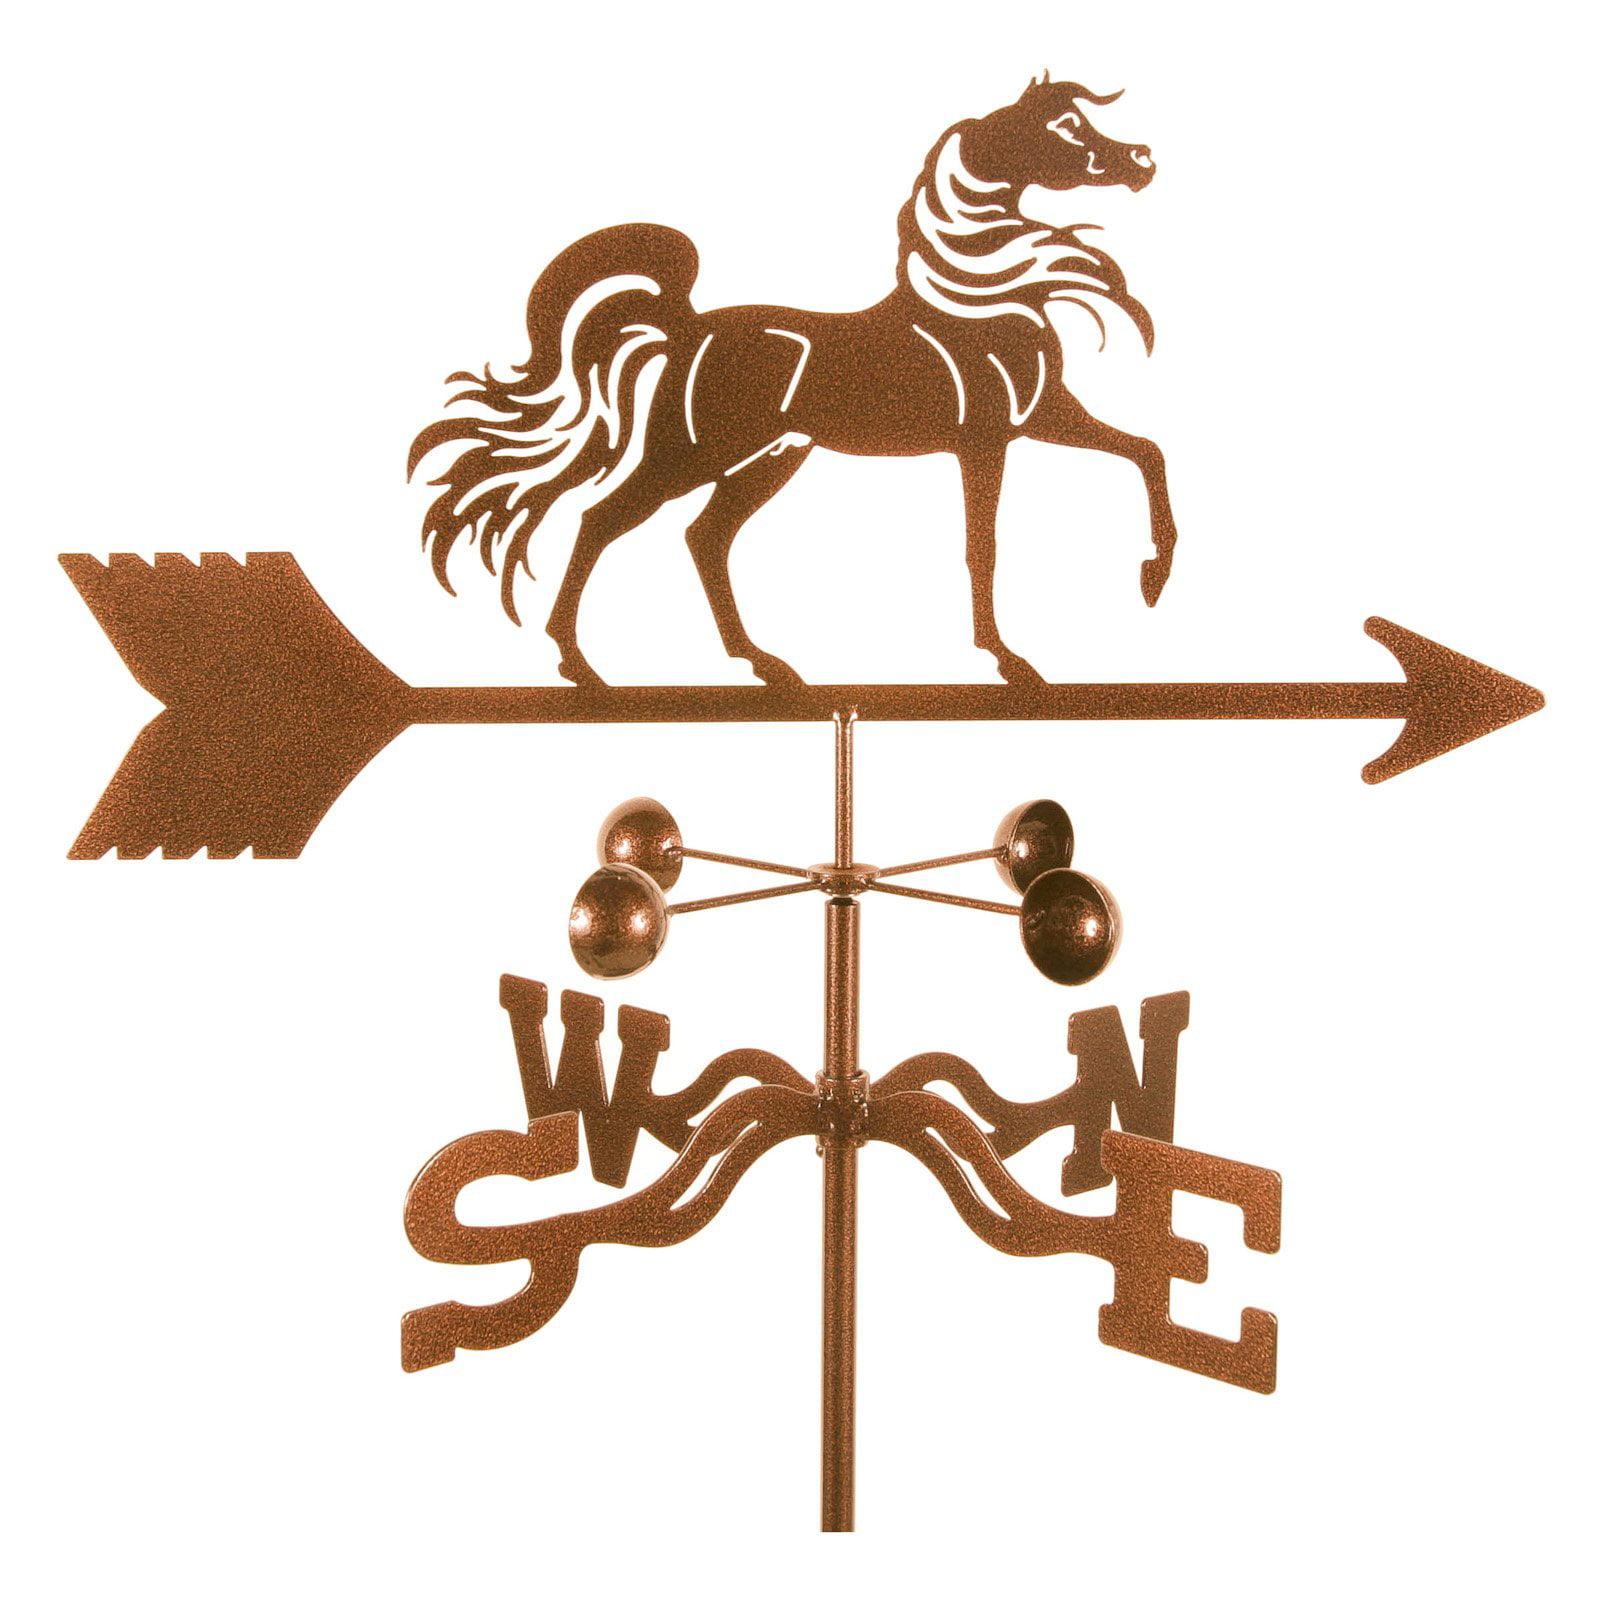 EZ Vane Arabian Horse Weathervane by EZ Vane